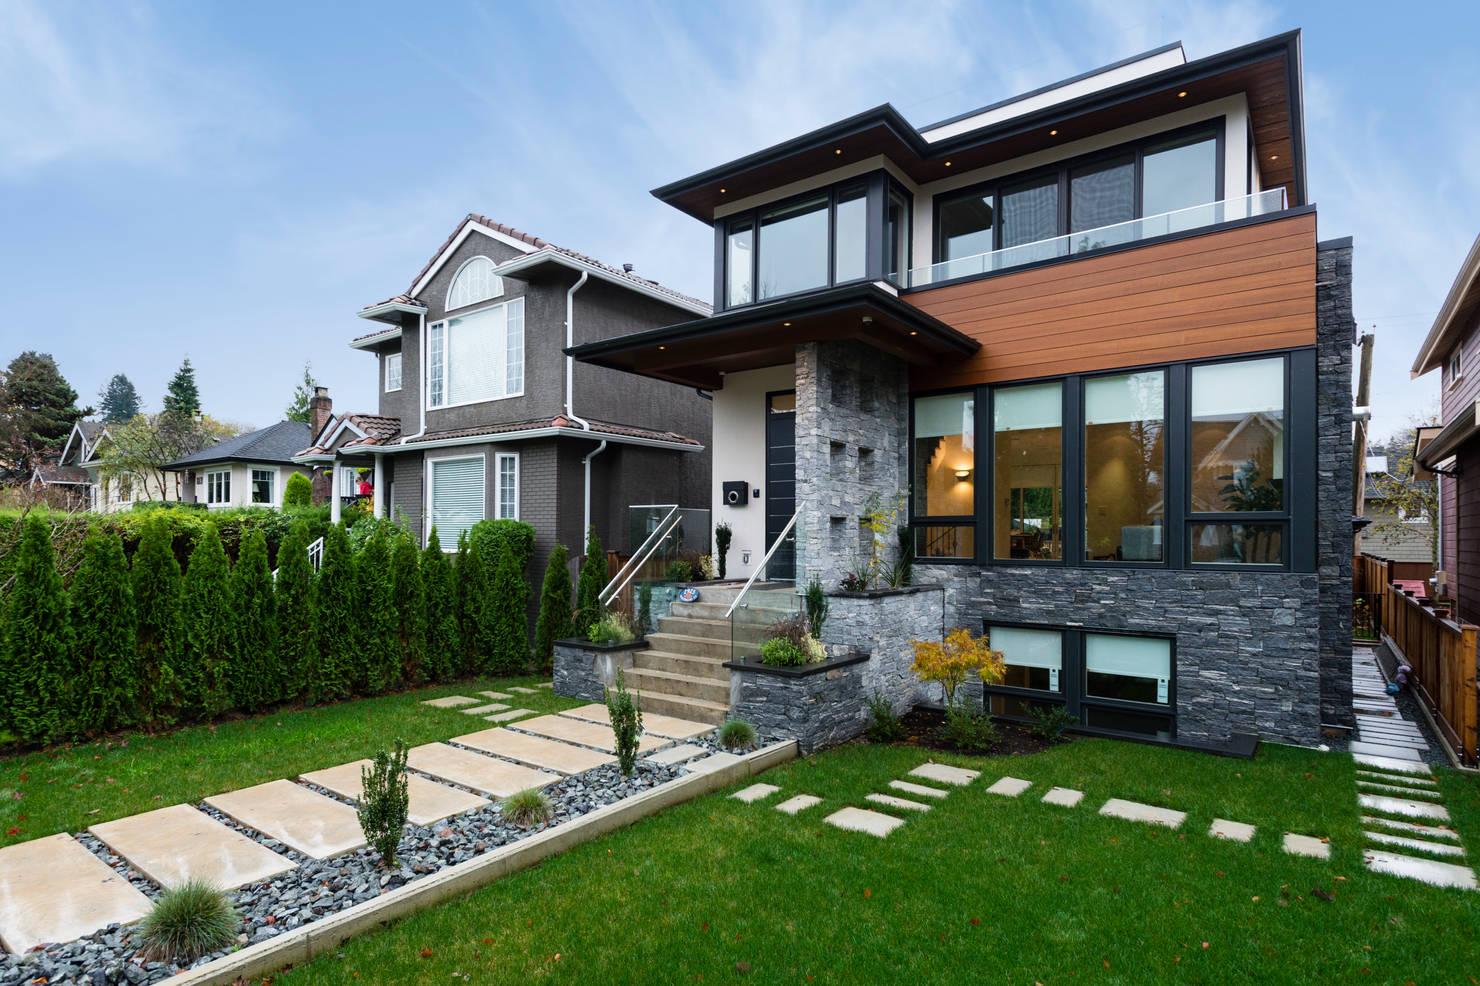 당신의 부동산 자산을 구매자에게 더욱 매력적으로 어필하는 방법 5